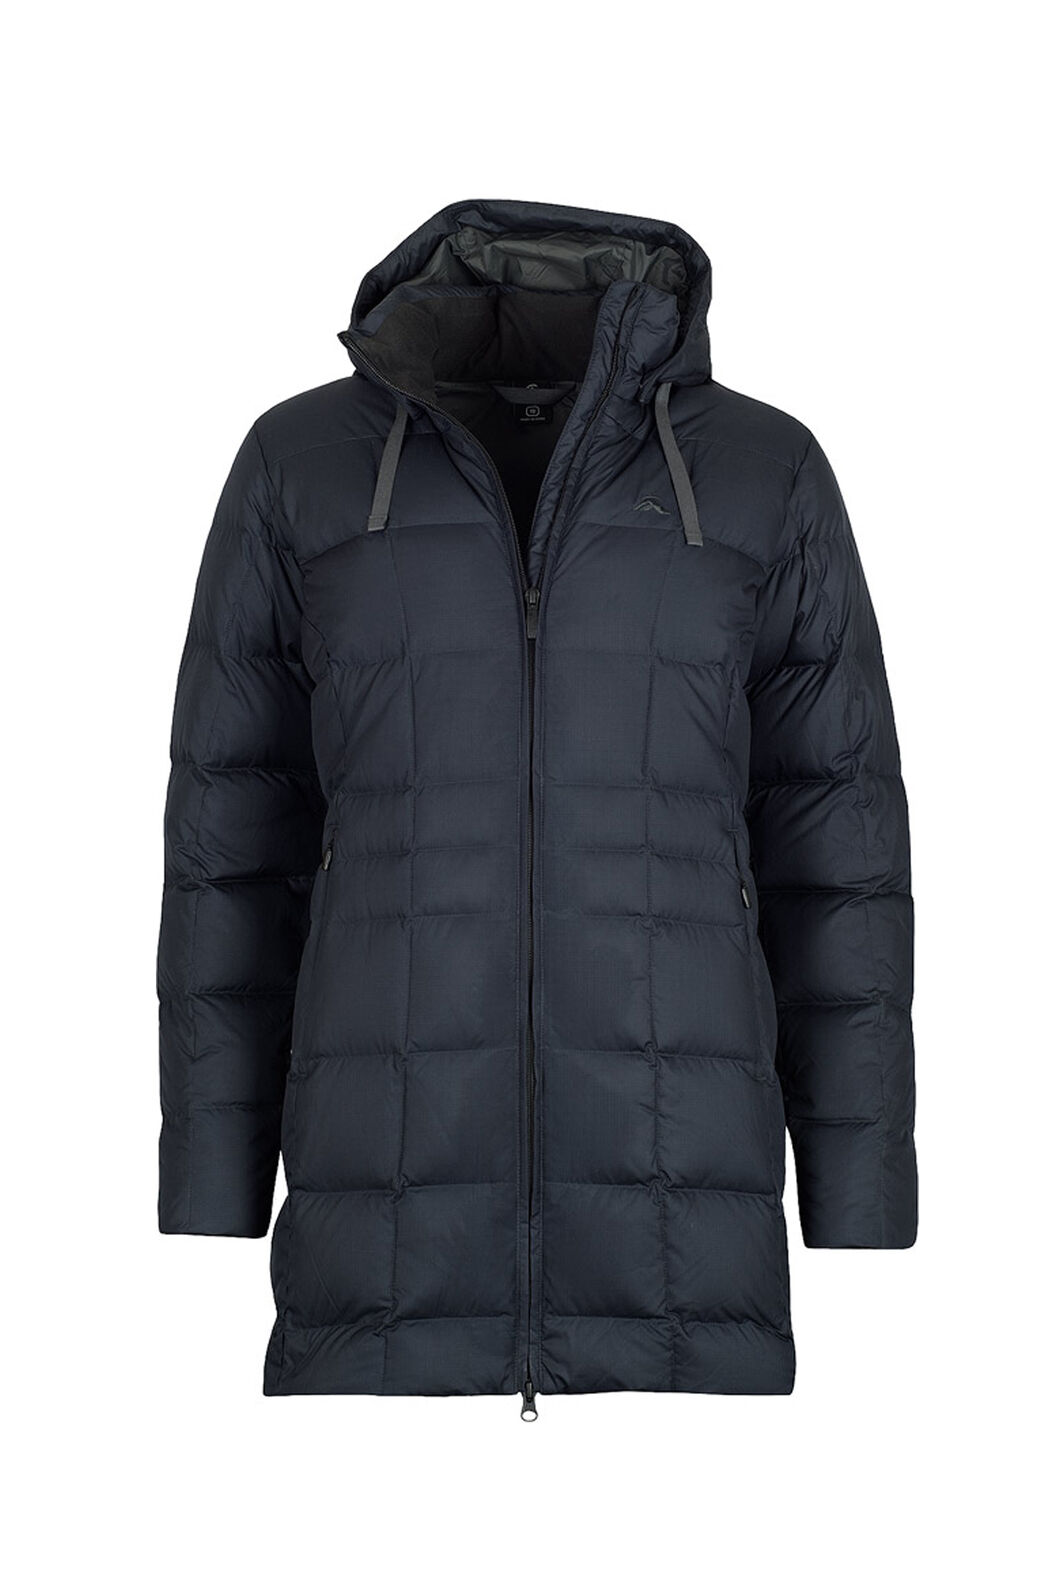 Macpac Aurora Down Coat V3 - Women's, Carbon, hi-res